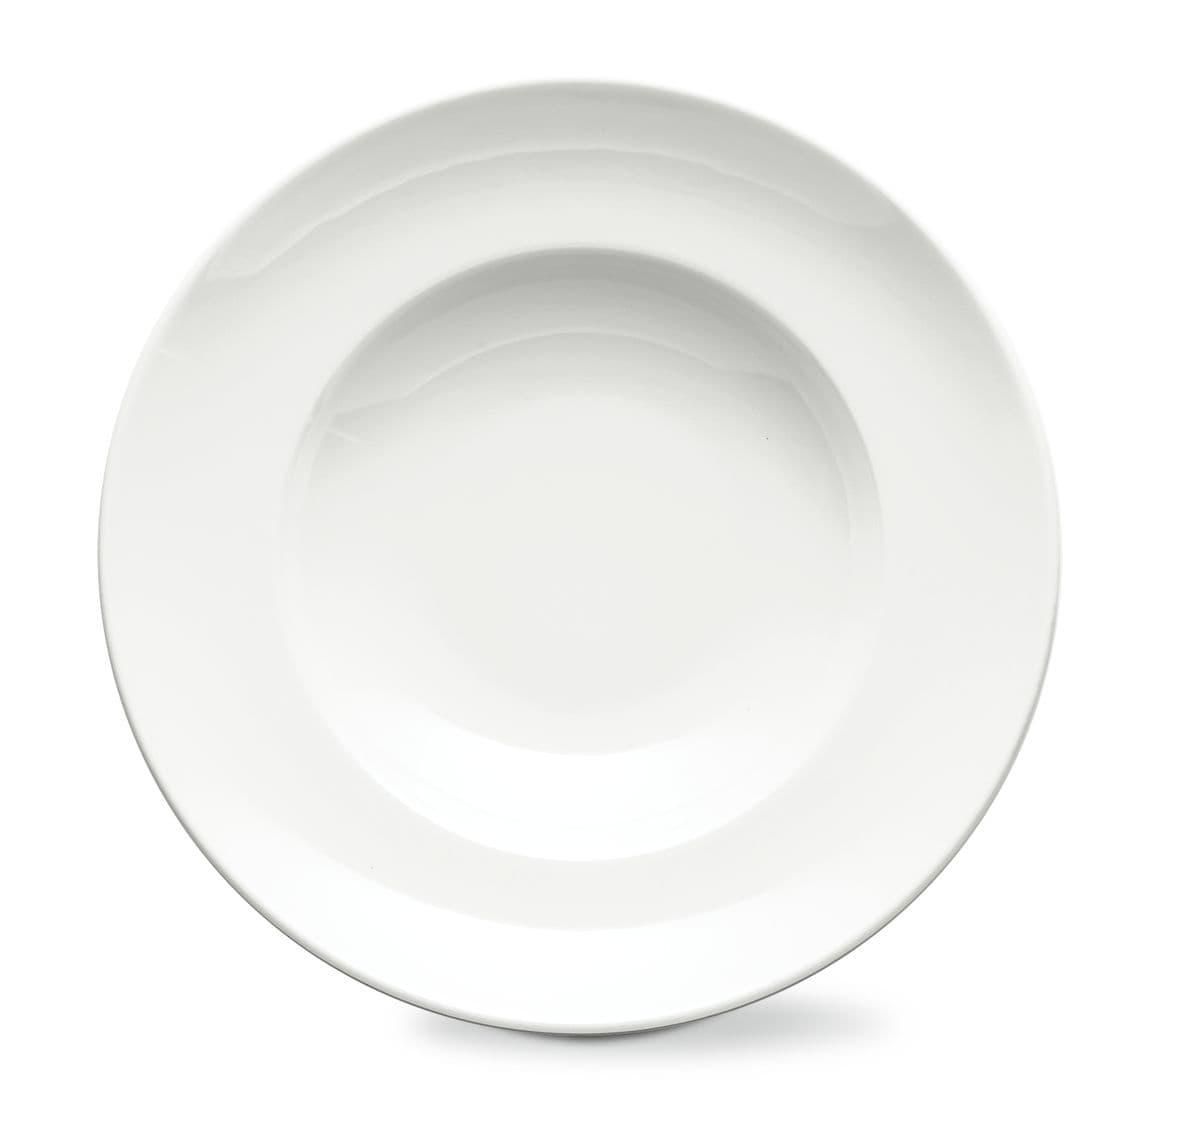 Cucina & Tavola CLASSIC Assiette à pates